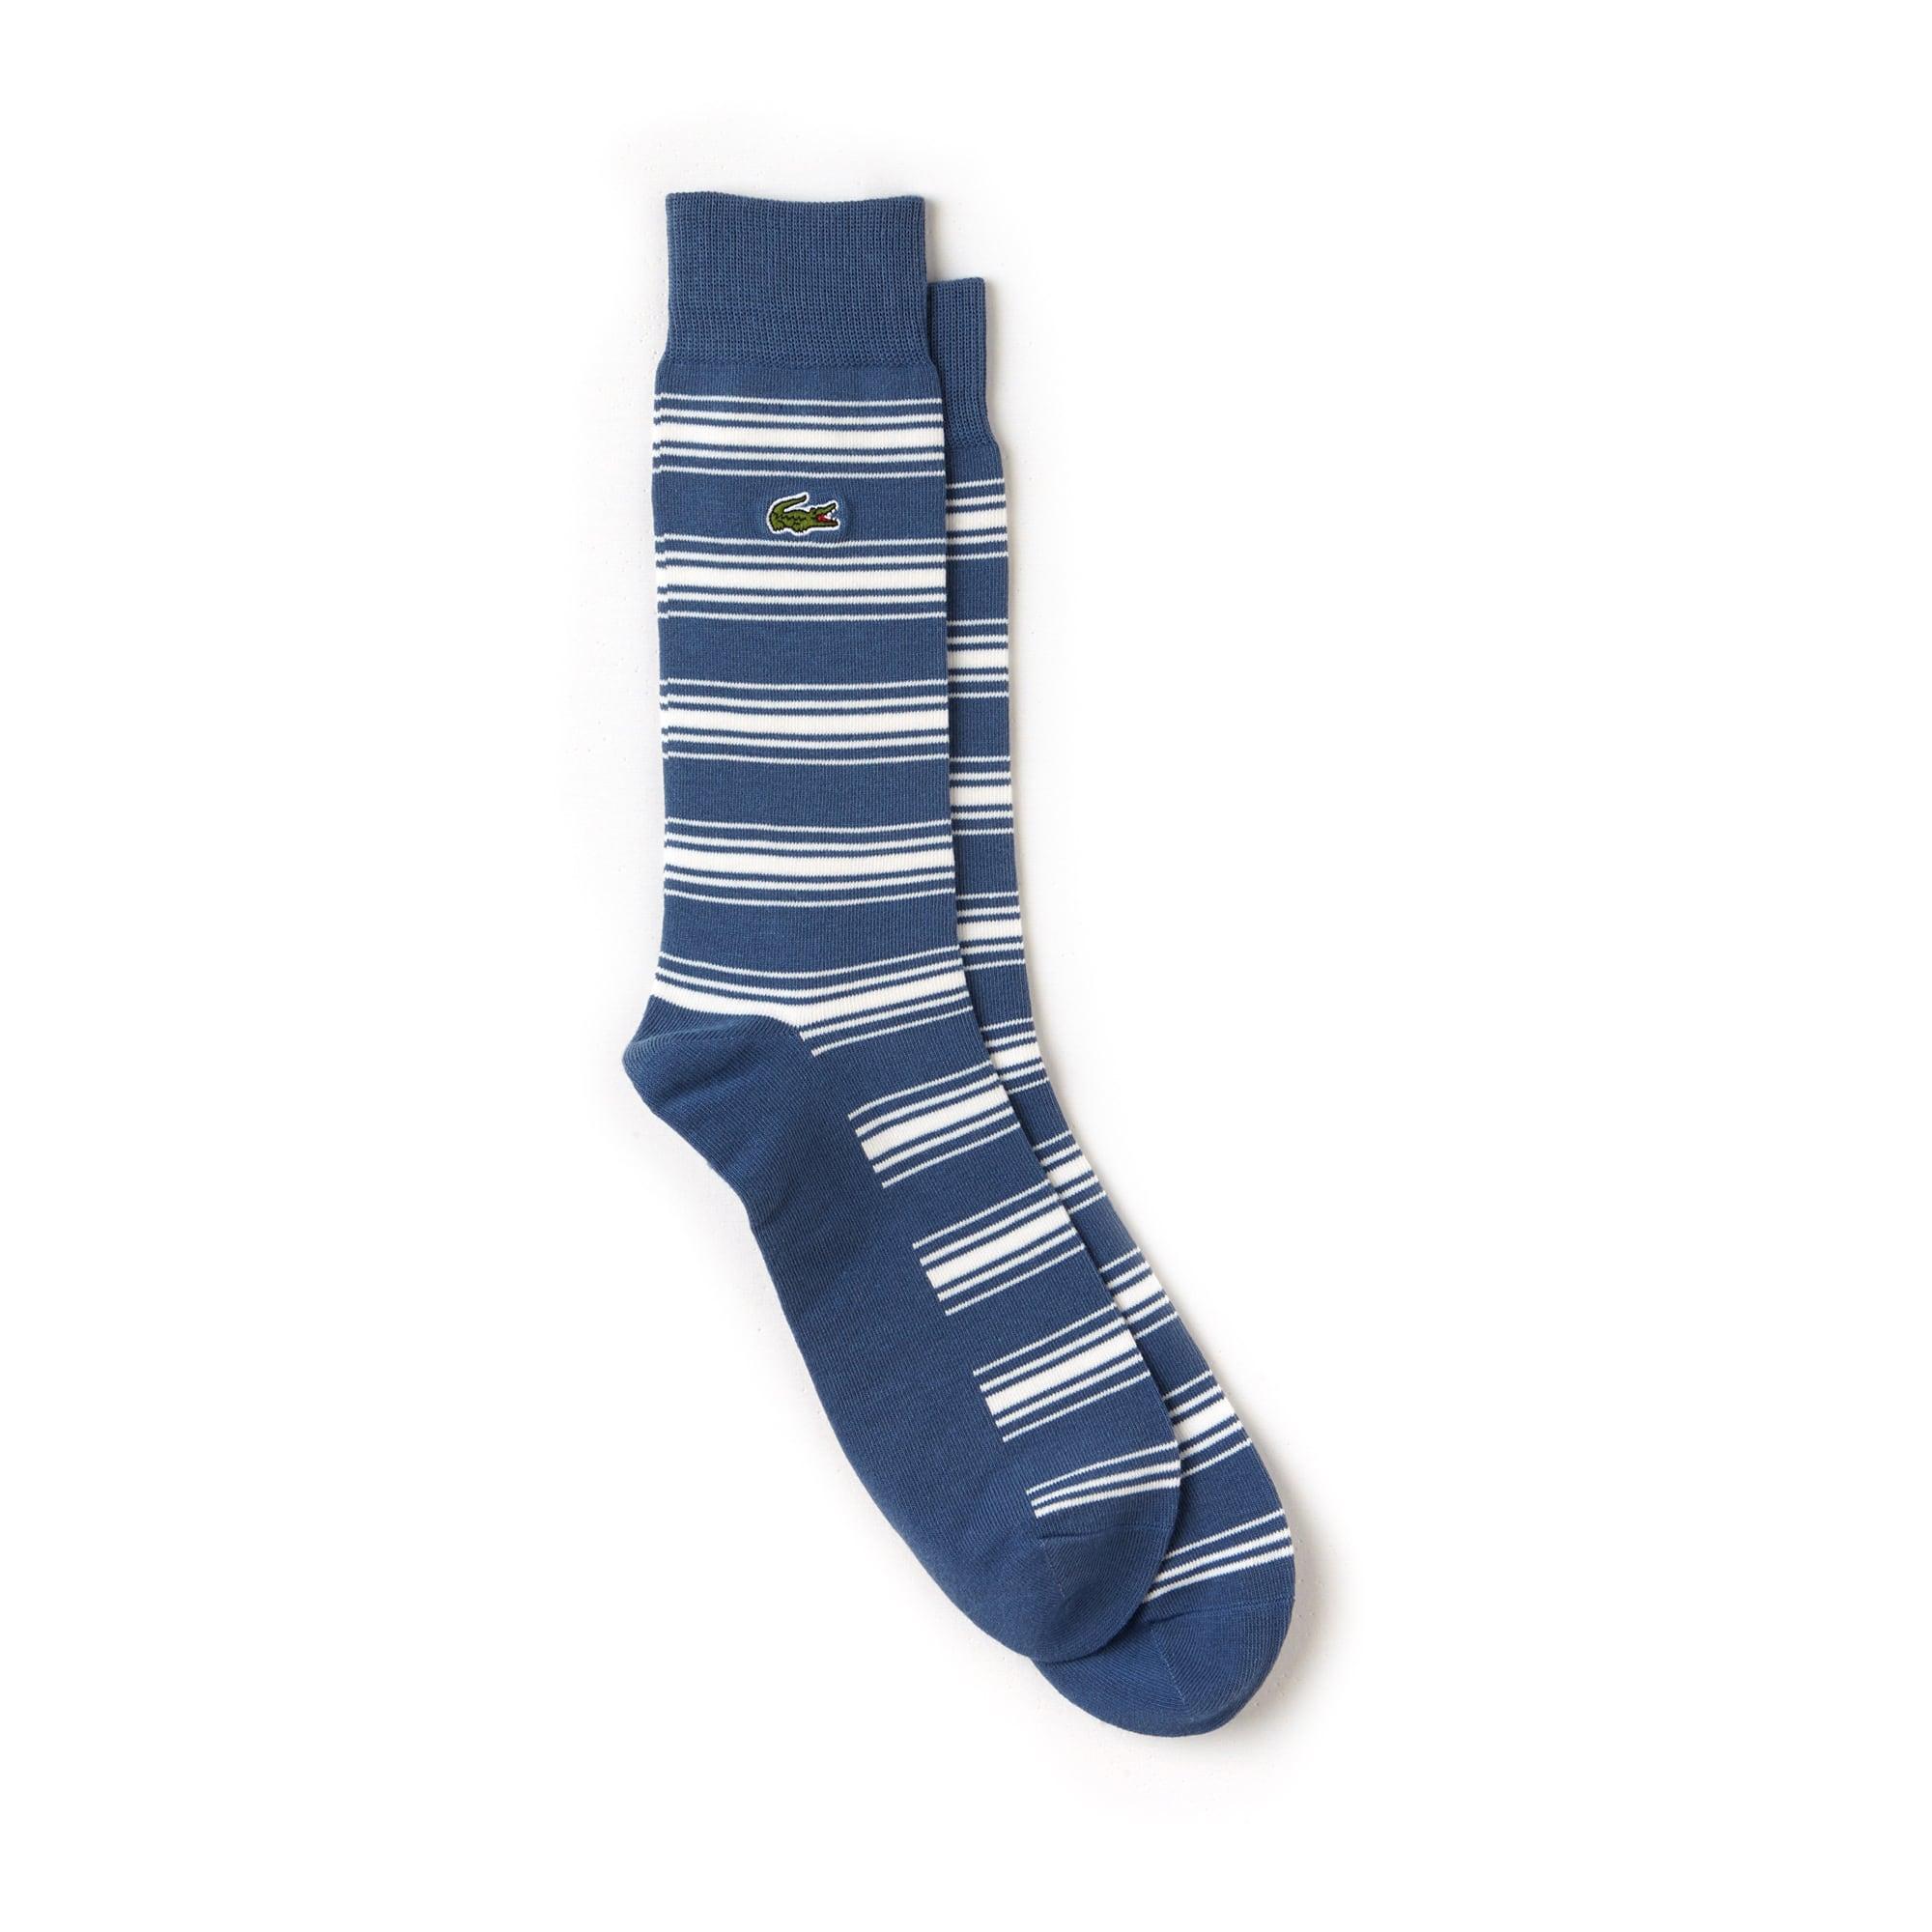 Herren-Socken aus gestreiftem Baumwolljersey mit Stretch